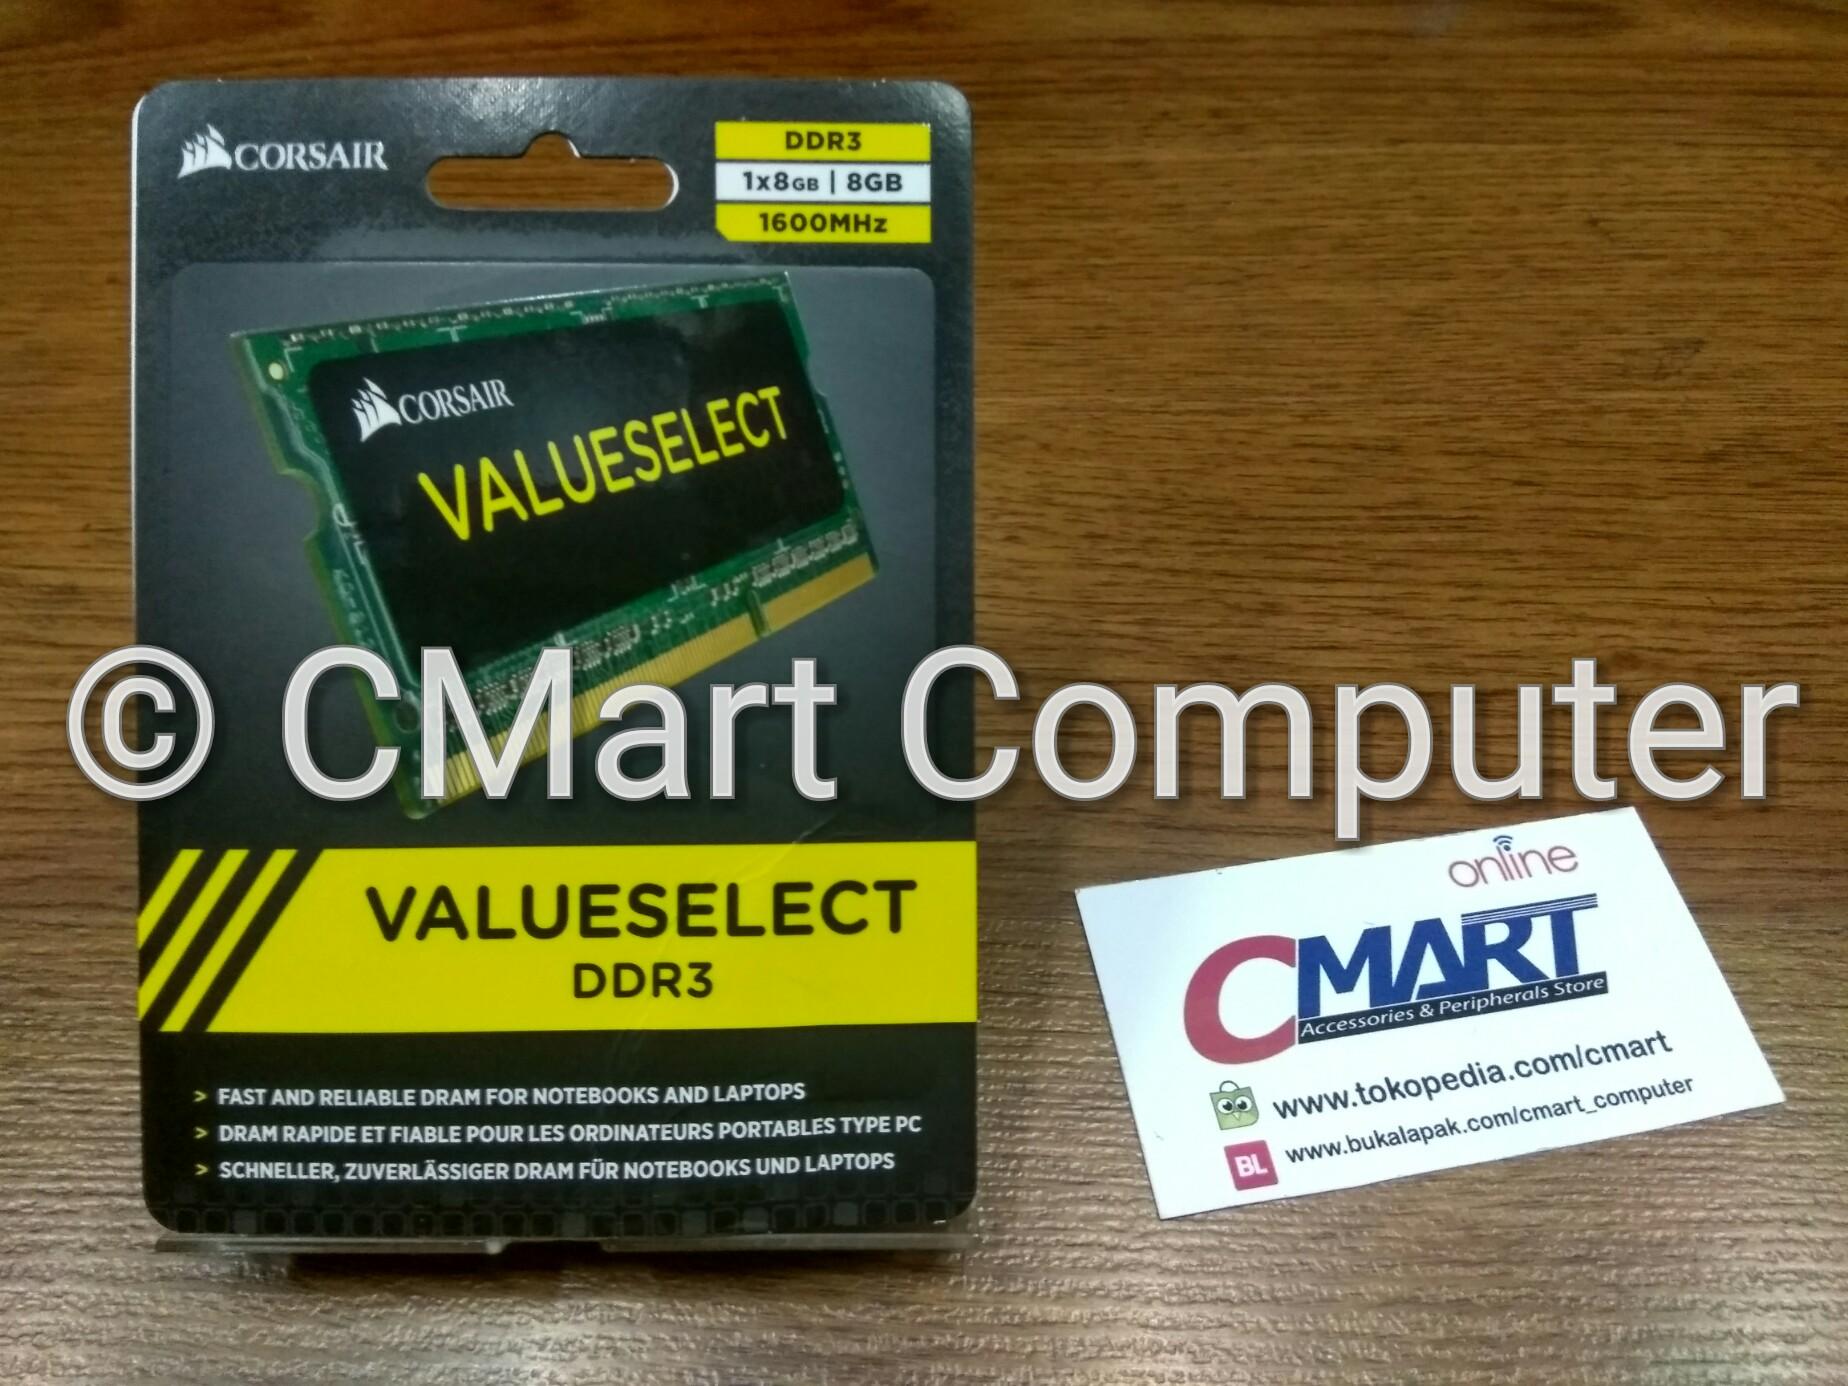 Jual Corsair 8gb Ddr3 1600 Mhz Sodimm Memory Ram Laptop Cmso Limited Ddr3l Berkah Toko Tokopedia